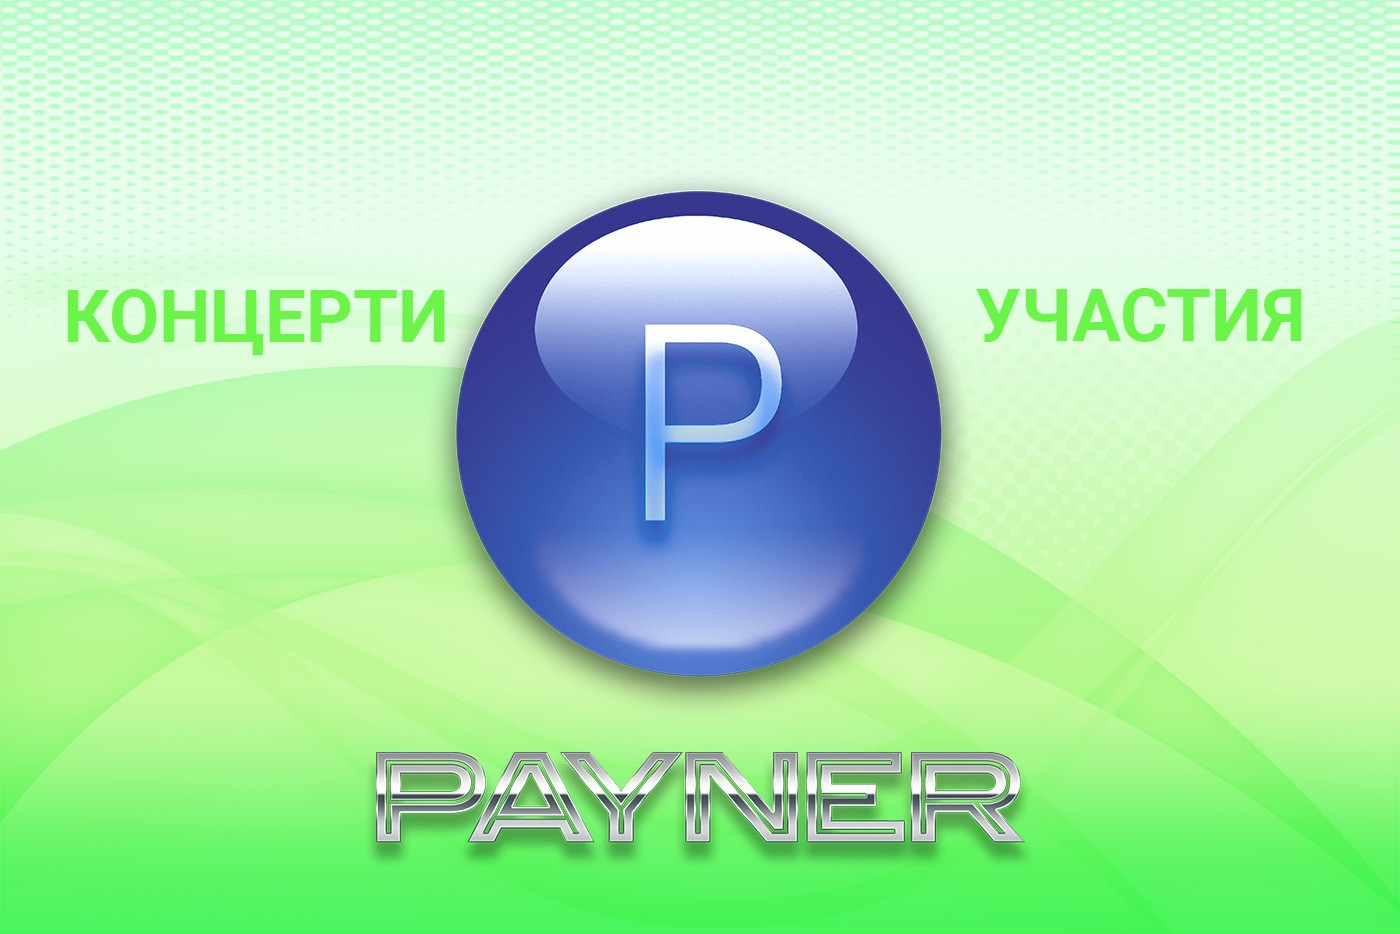 """Участия на звездите на """"Пайнер"""" на 25.04.2019"""